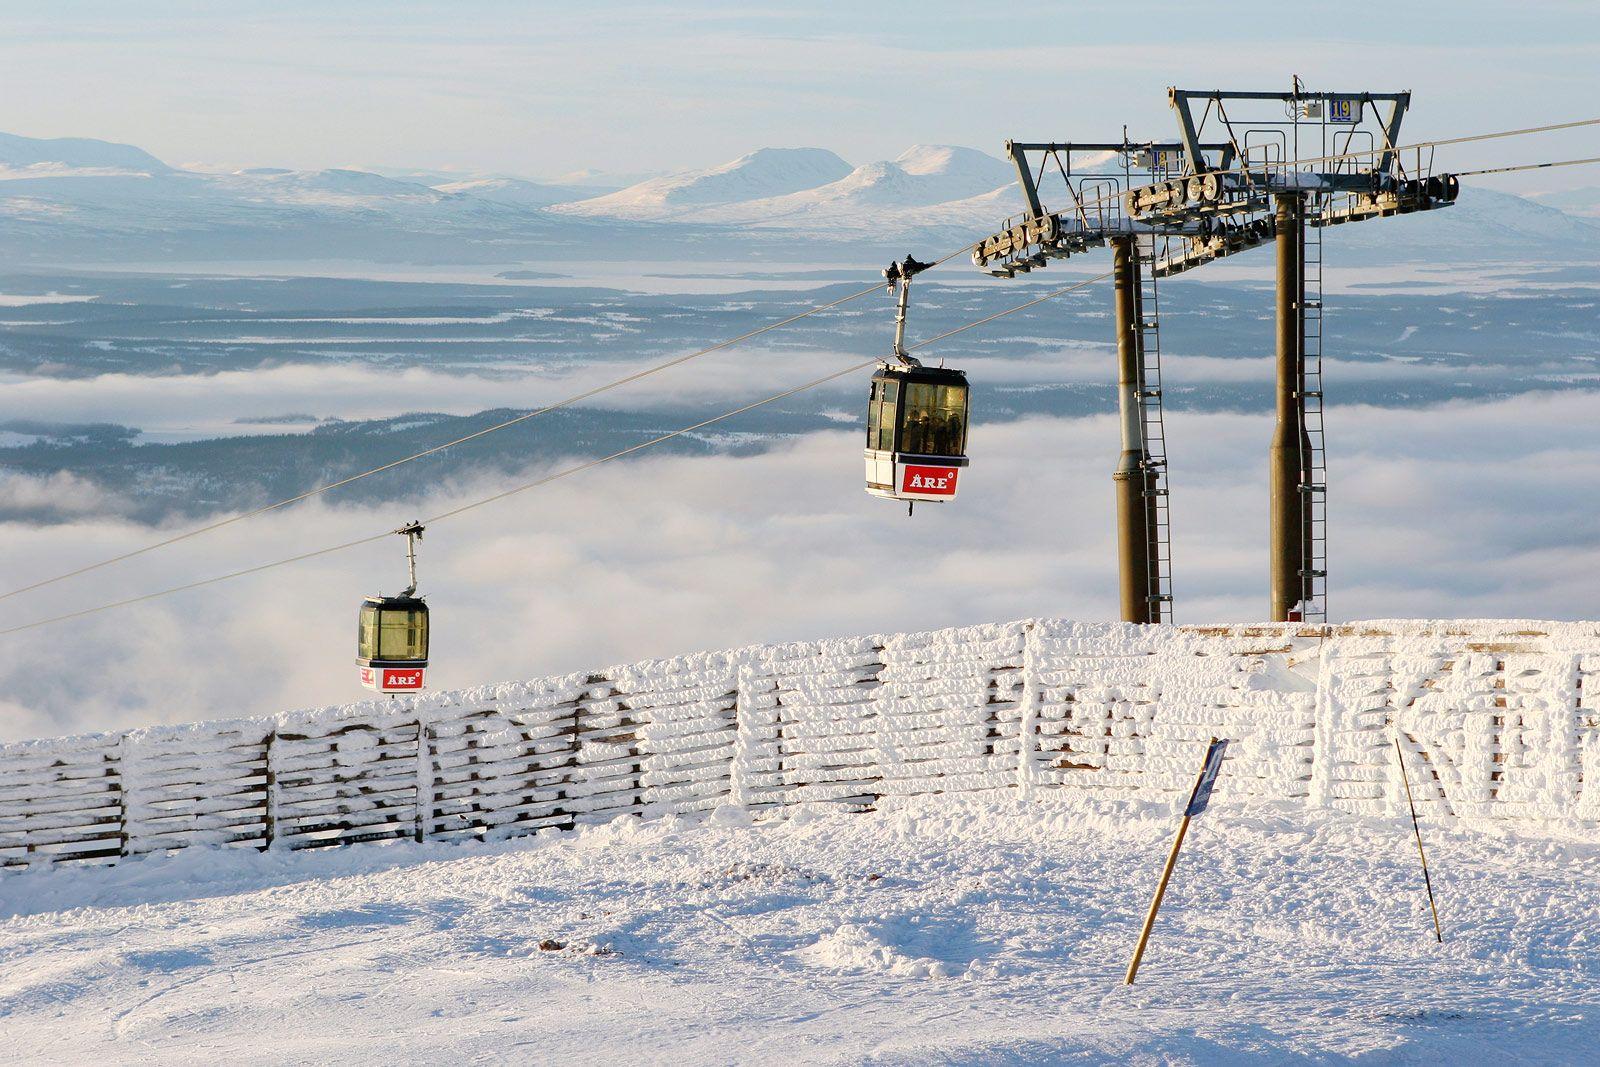 Åressa voi laskea yhdellä hissilipulla kolmessa toisiinsa yhdistyvässä hiihtokeskuksessa: Duvedissa, Åressa ja Björnenissä. Kuva: Simo Vunneli http://www.lumipallo.fi/hiihtokeskukset/ruotsi-ja-norja/are/